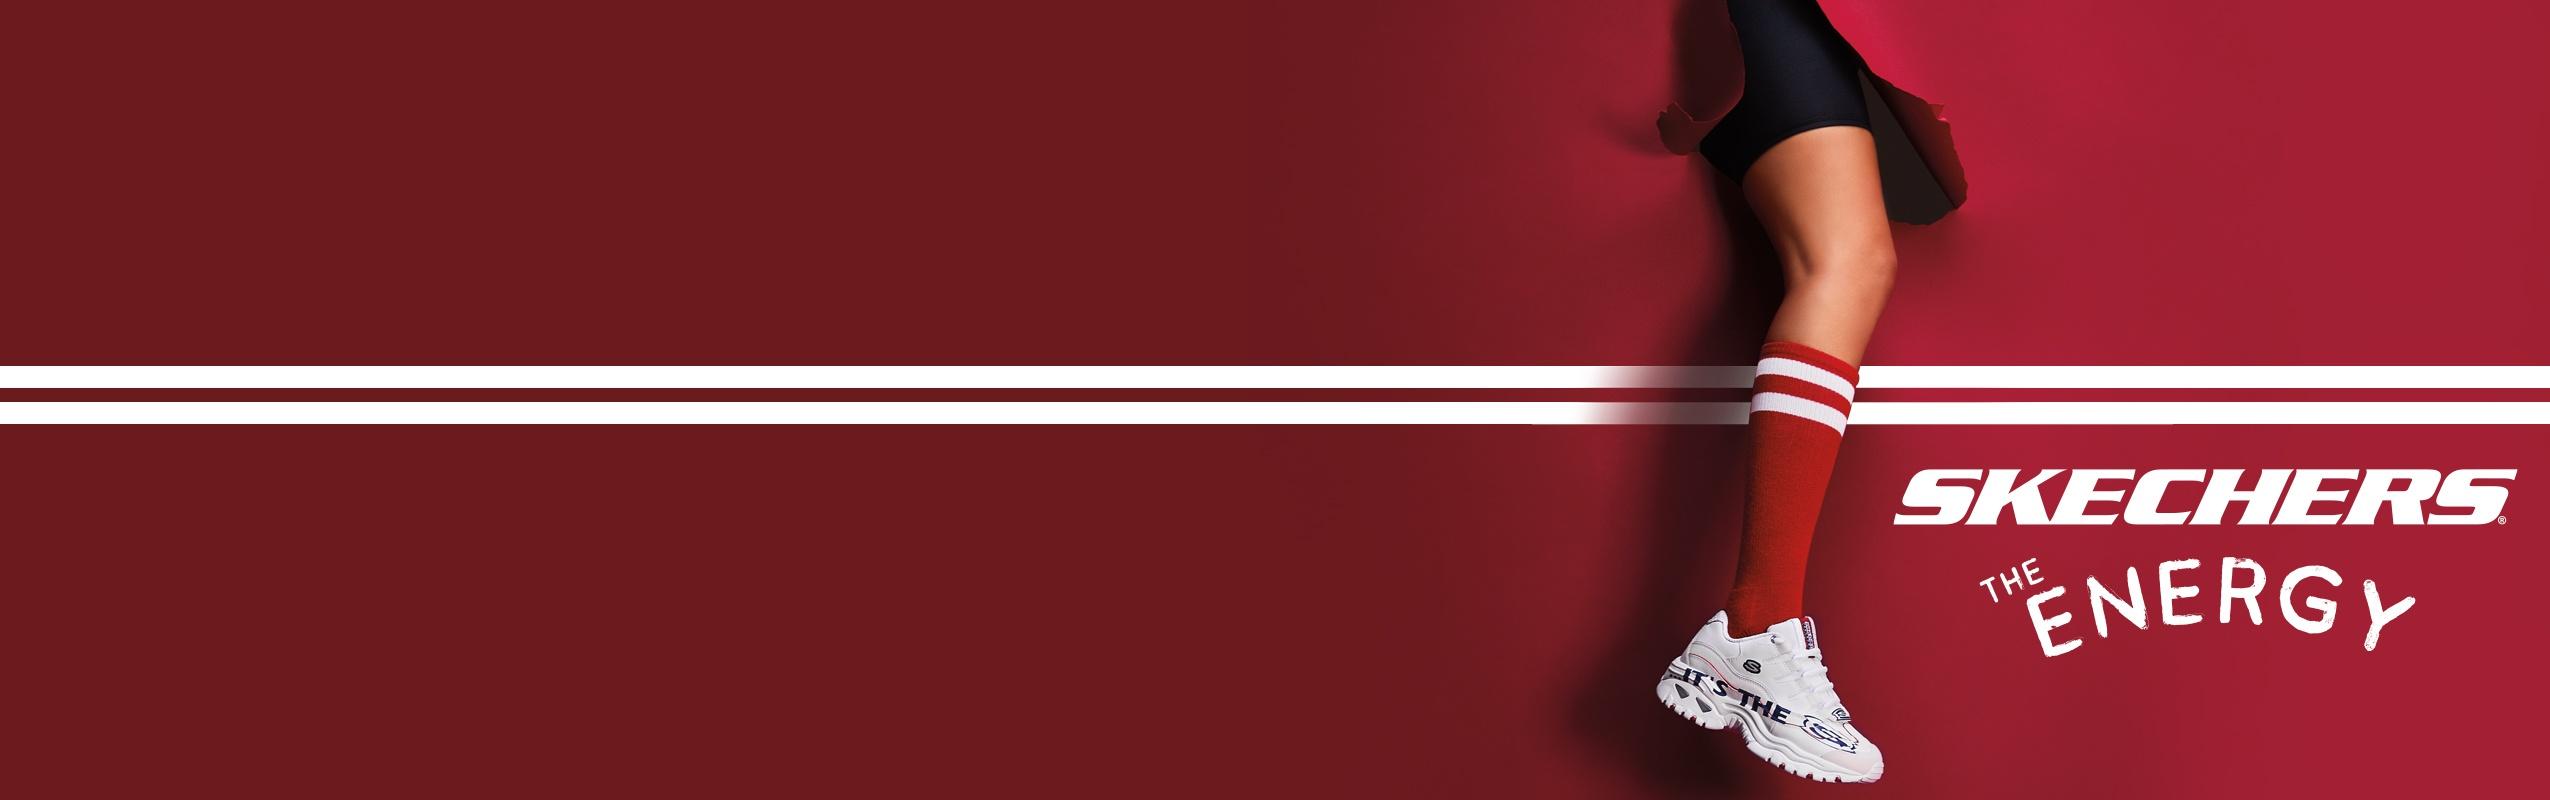 'Skechers Energy' - EST